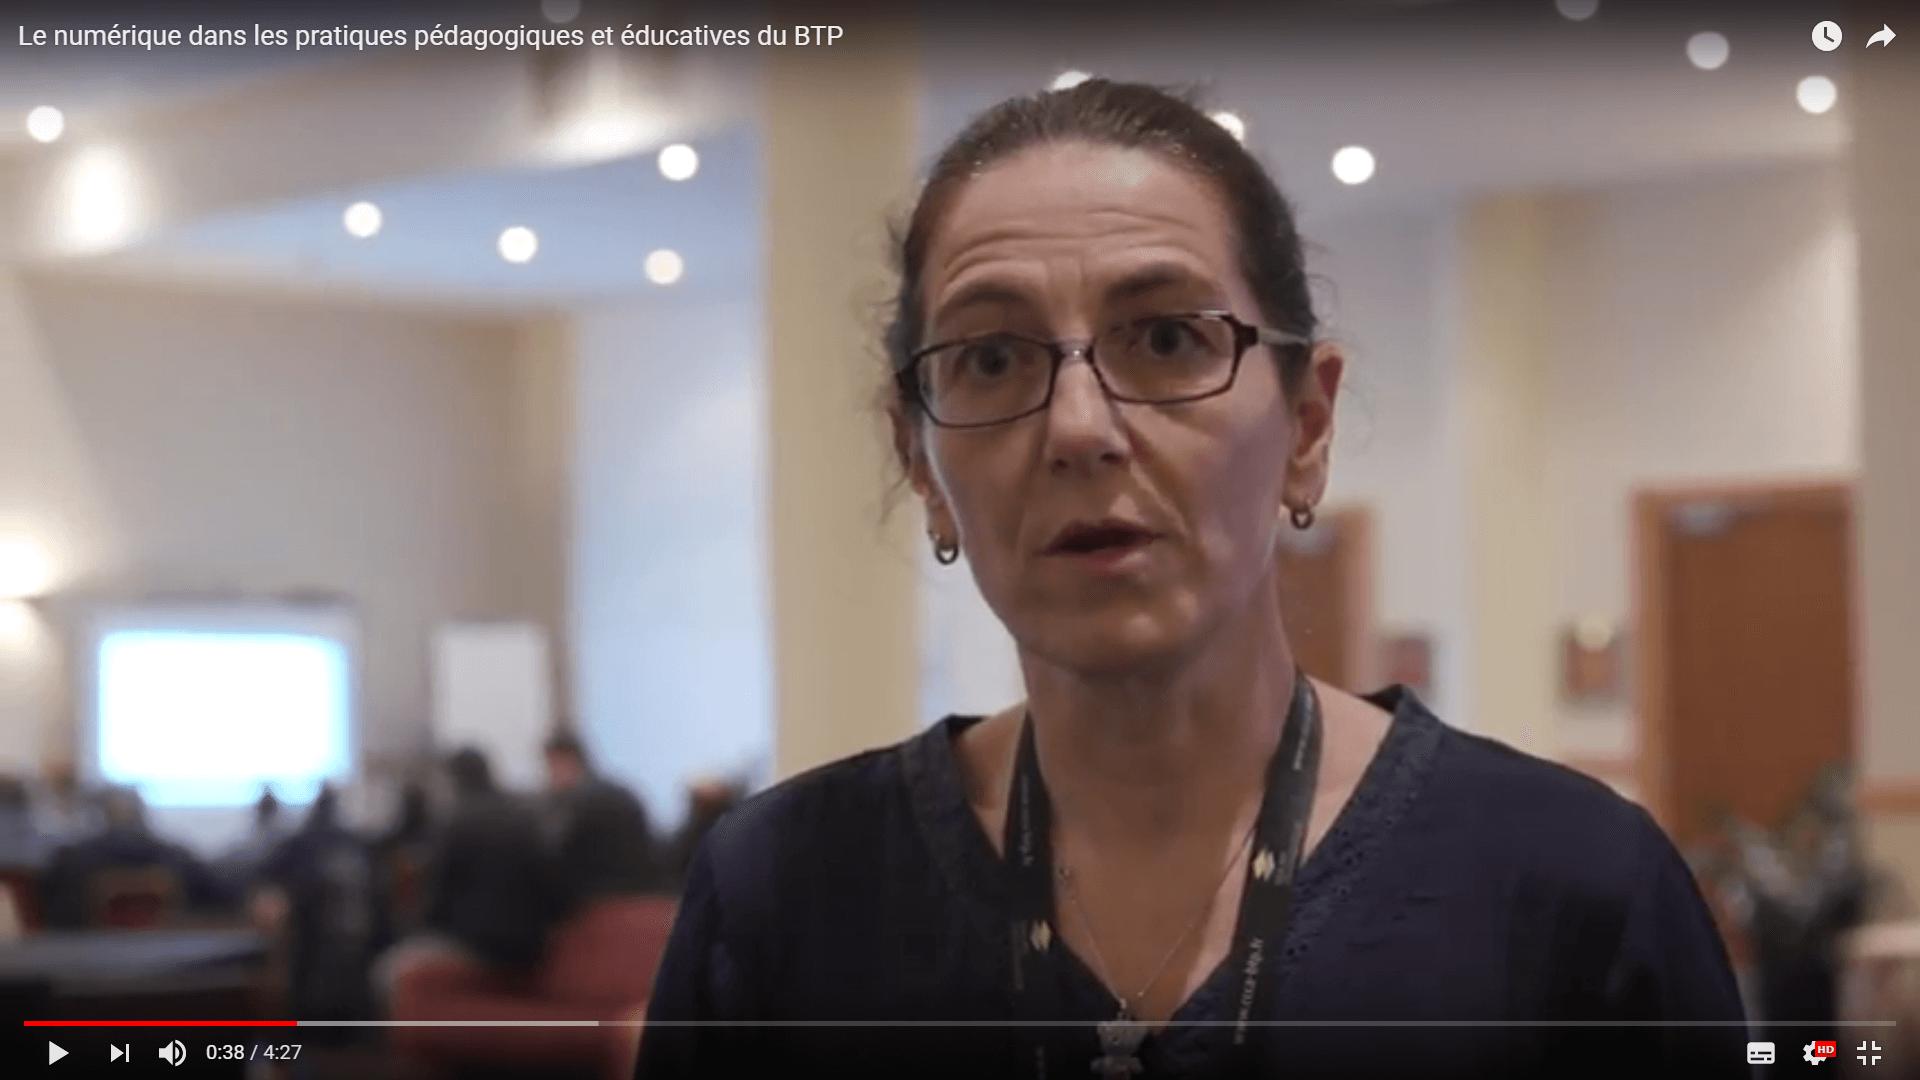 Vidéo sur le numérique dans les pratiques pédagogiques et éducatives du BTP